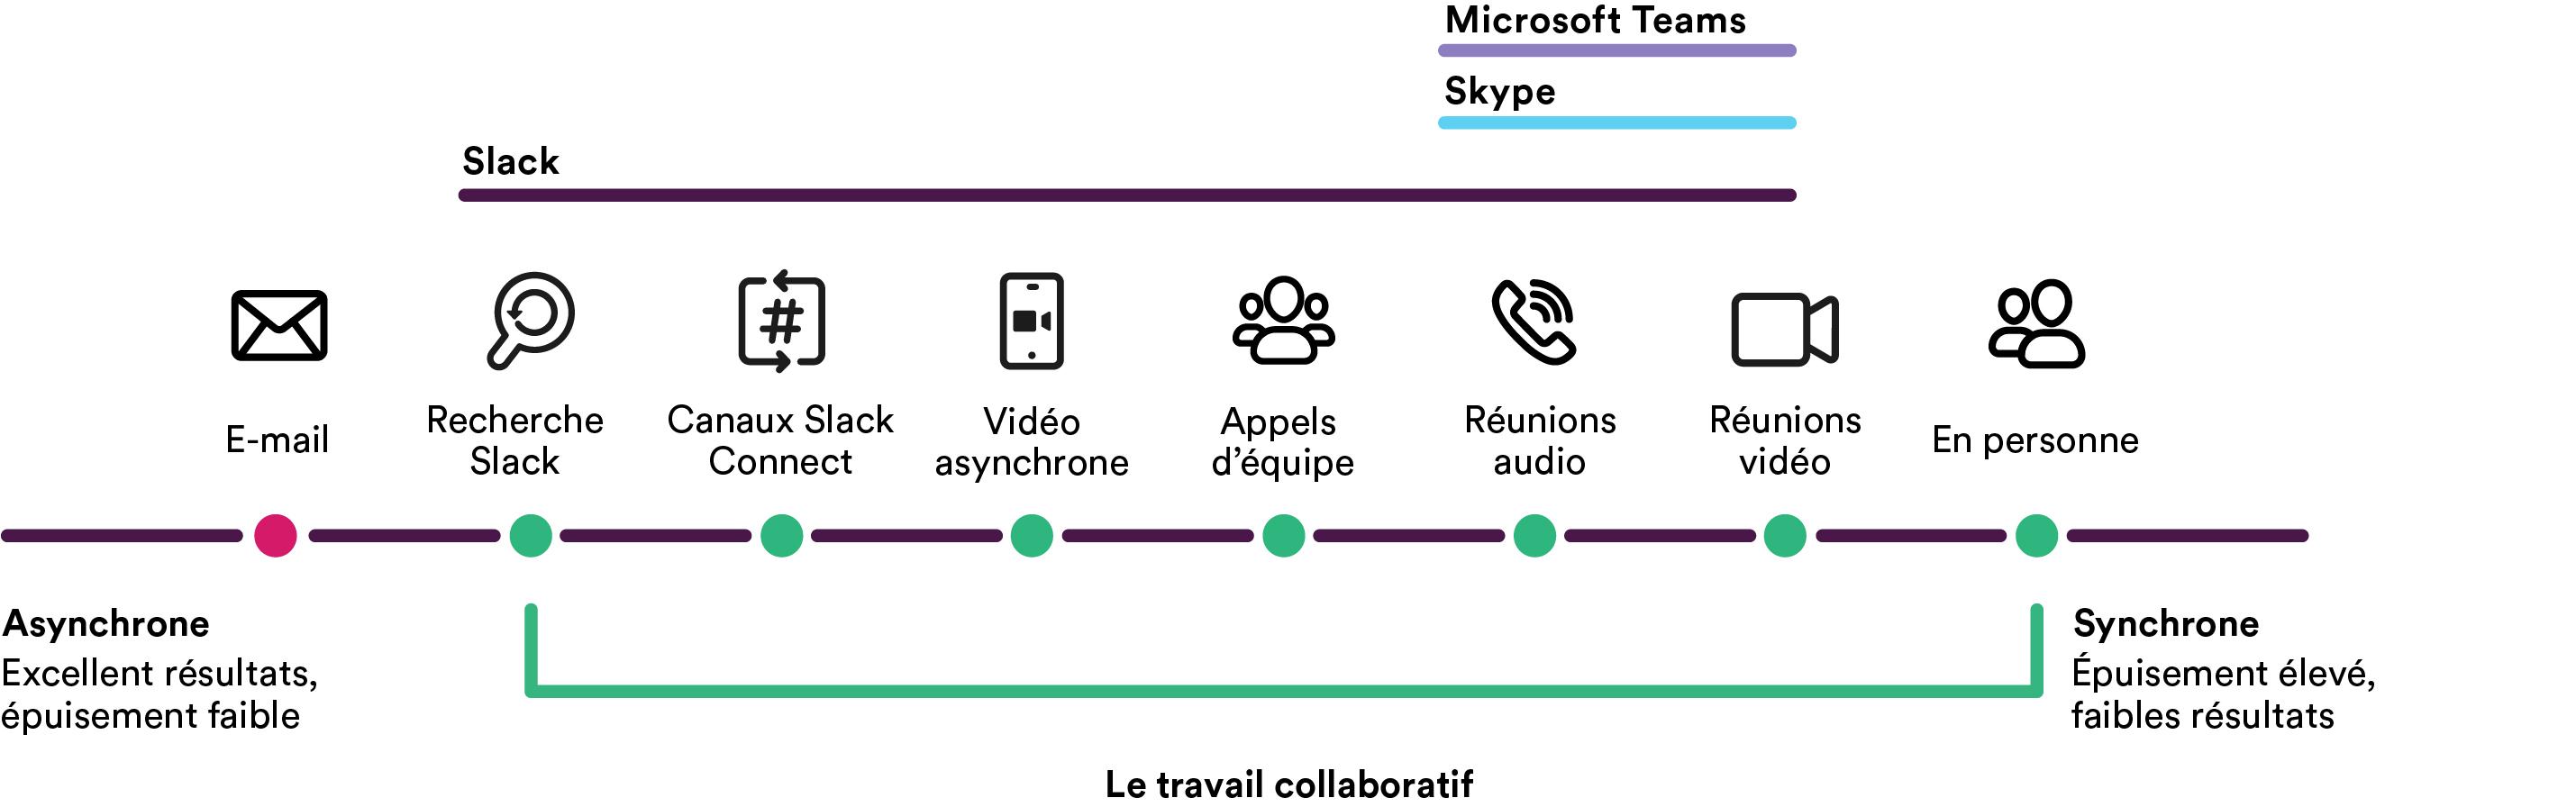 Schéma comparant MicrosoftTeams, Skype et Slack avec Slack